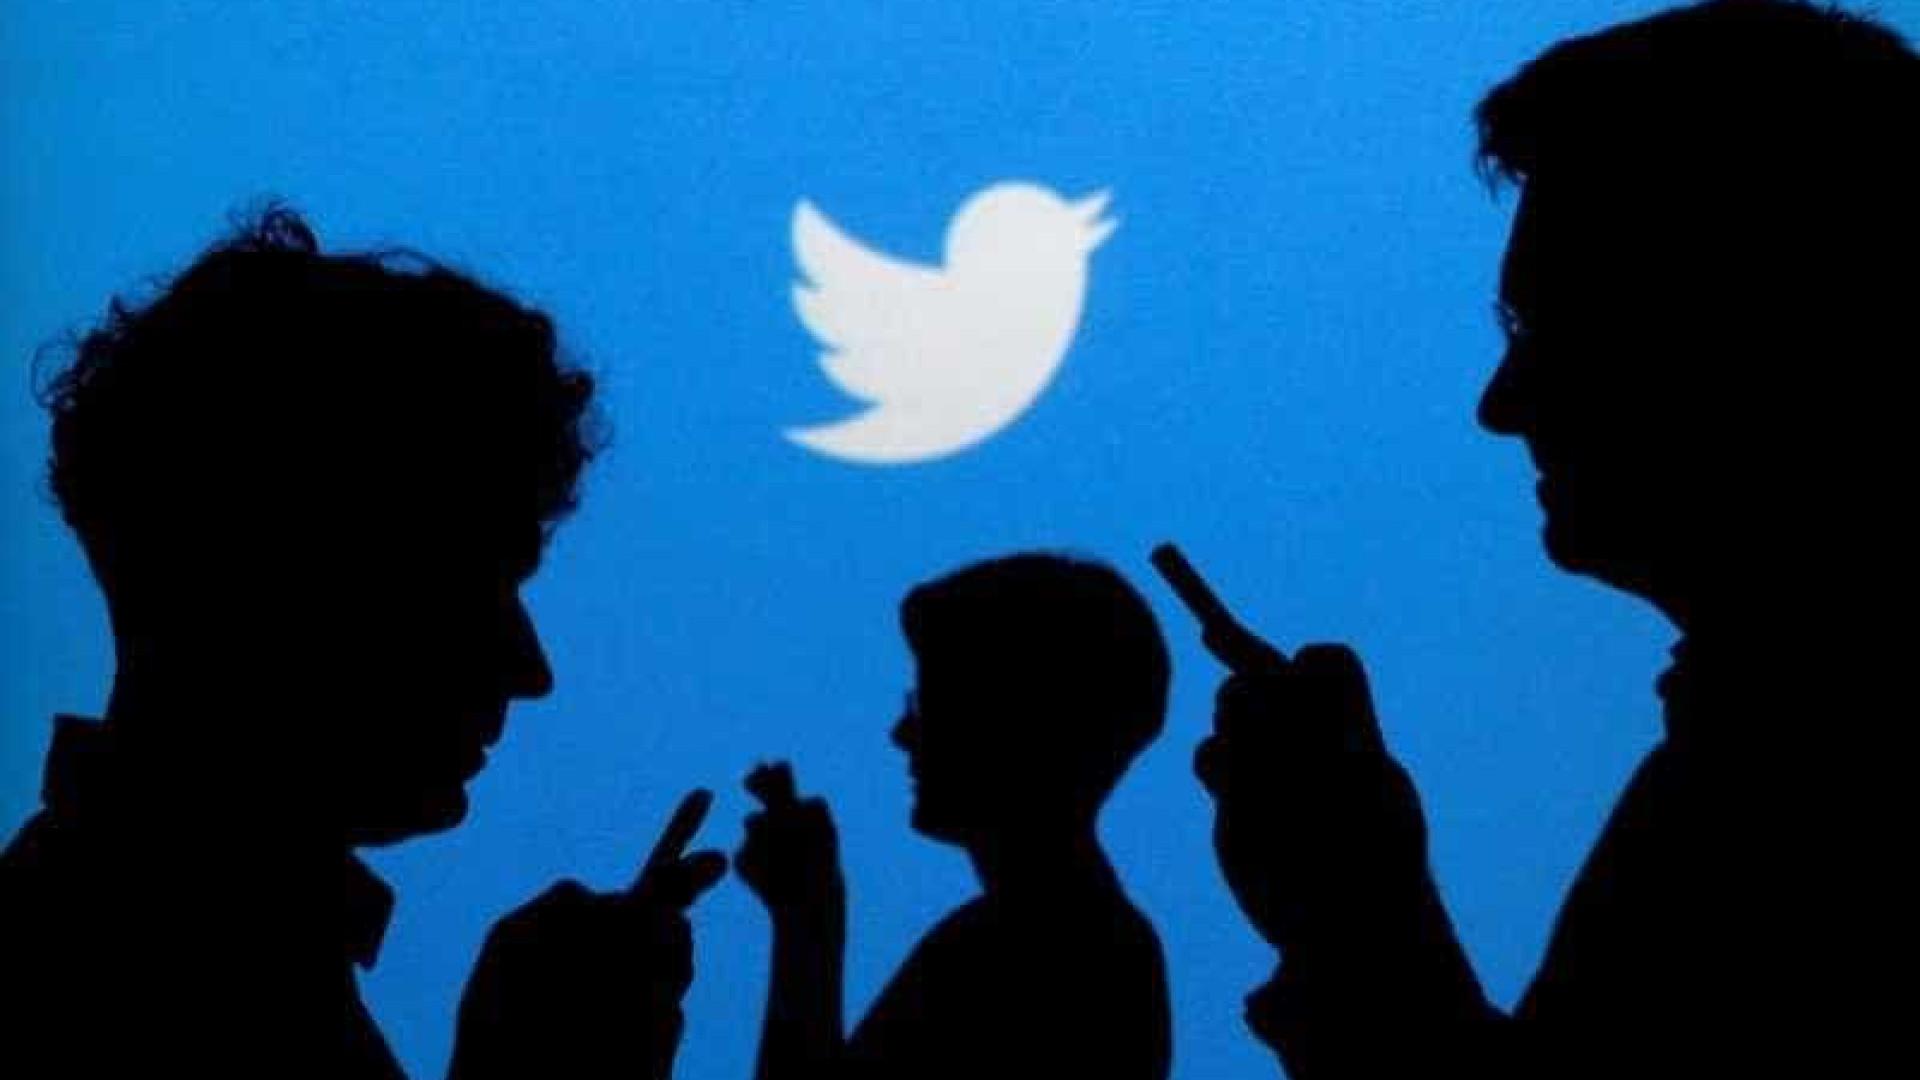 Twitter não apagará publicações de políticos que violem regras